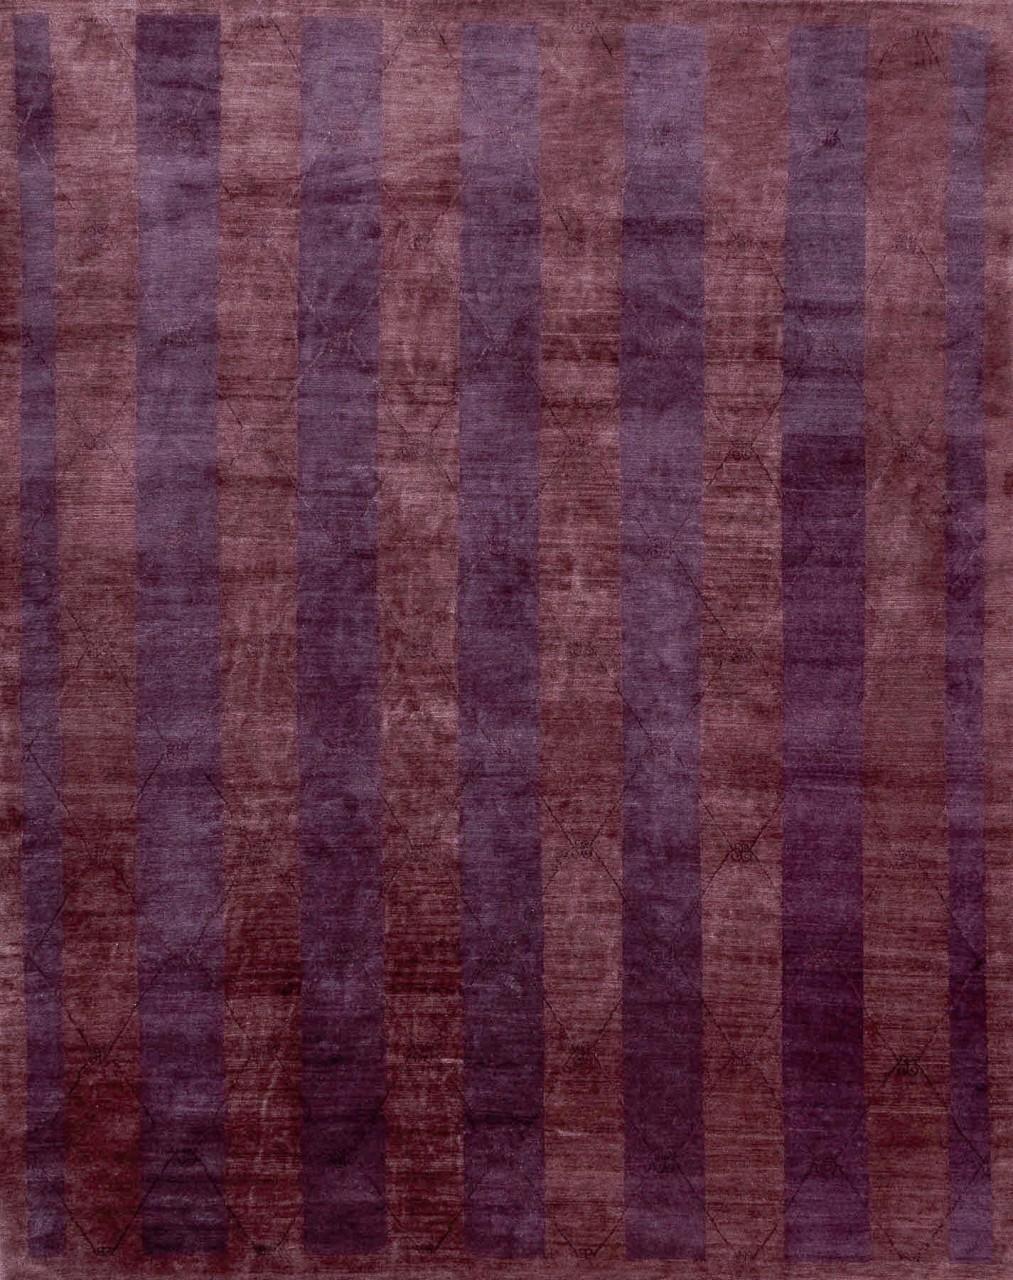 Nepal-Teppich Lilac